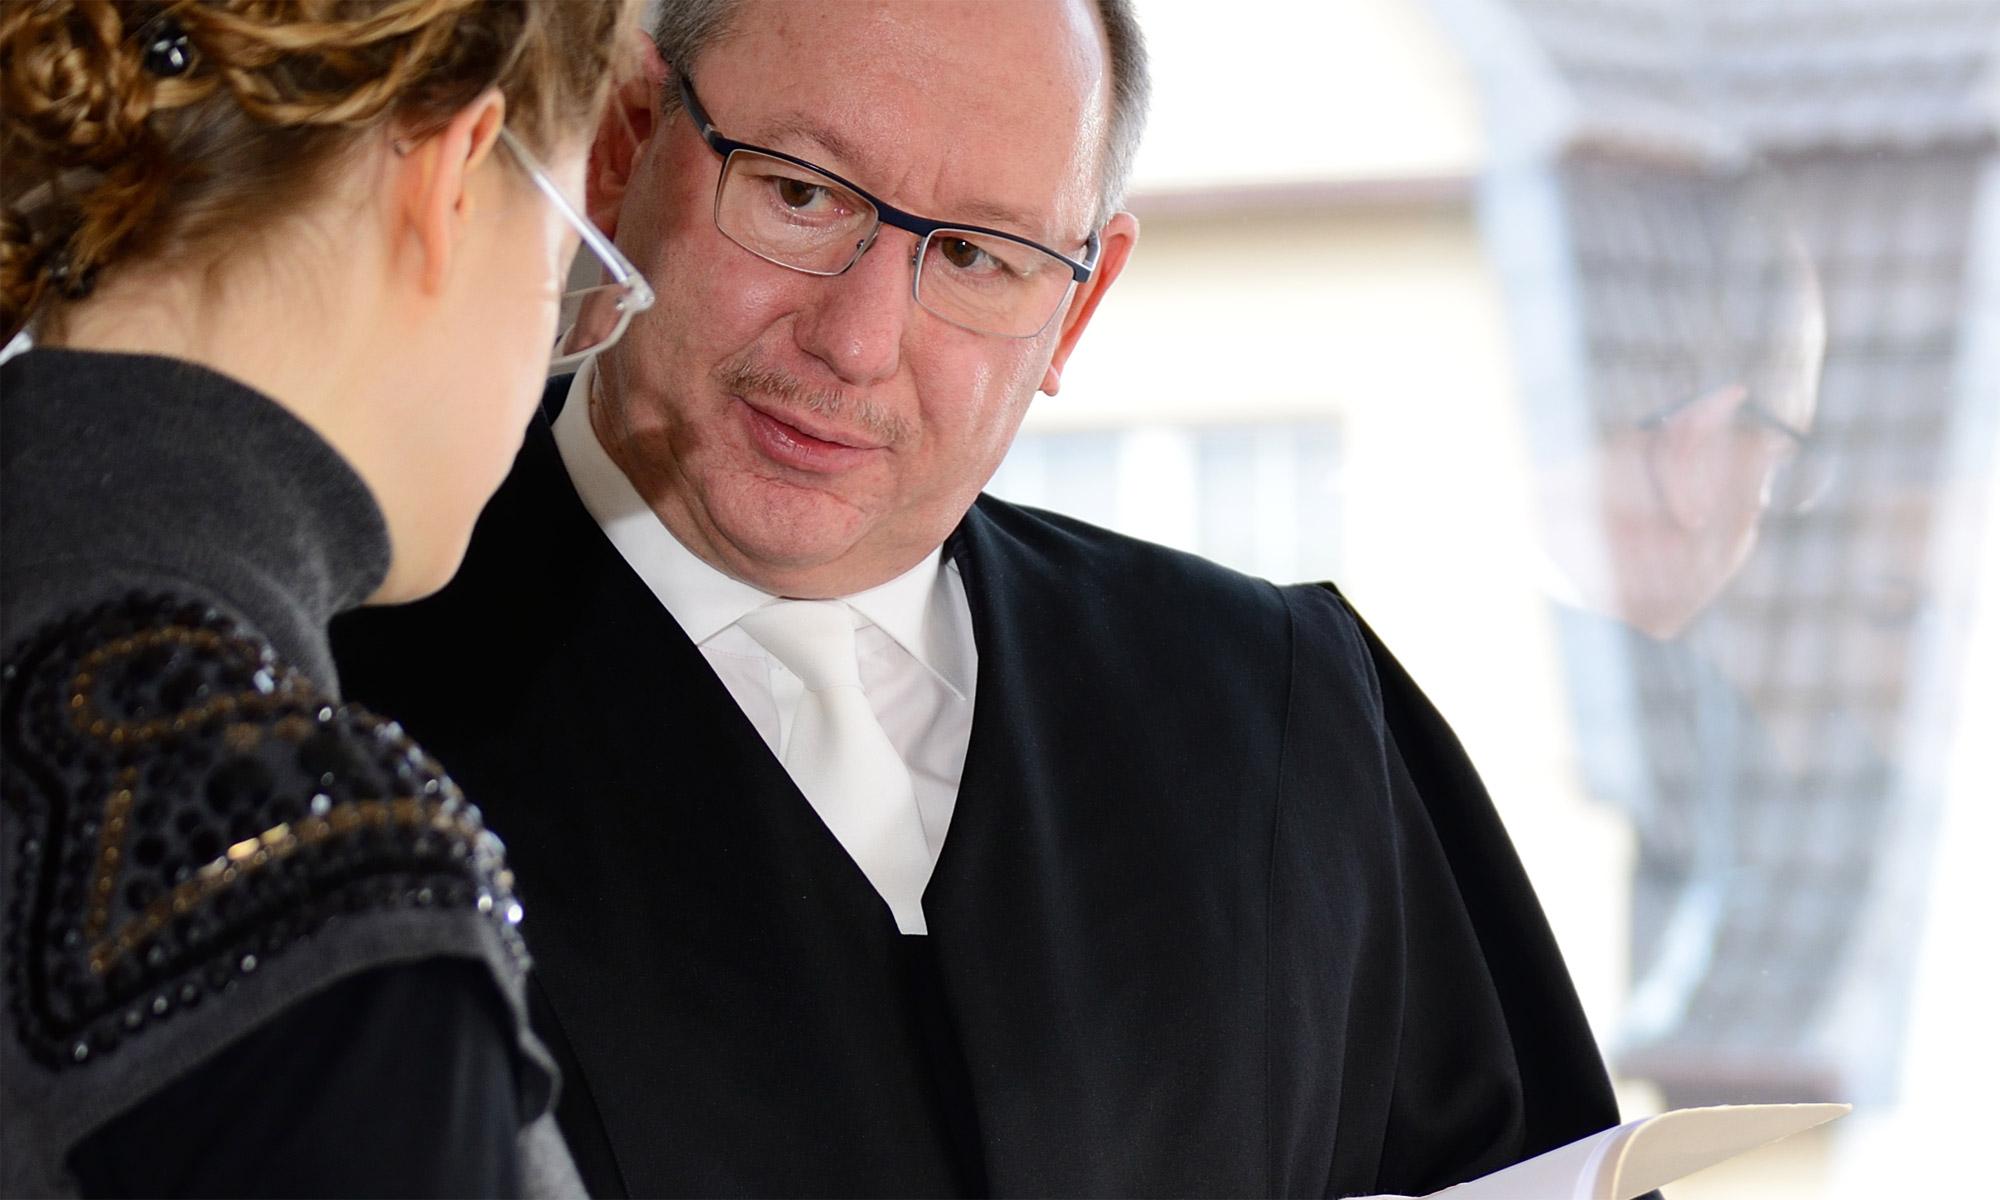 Rechtsberatung, sowie außergerichtliche und gerichtliche Vertretung